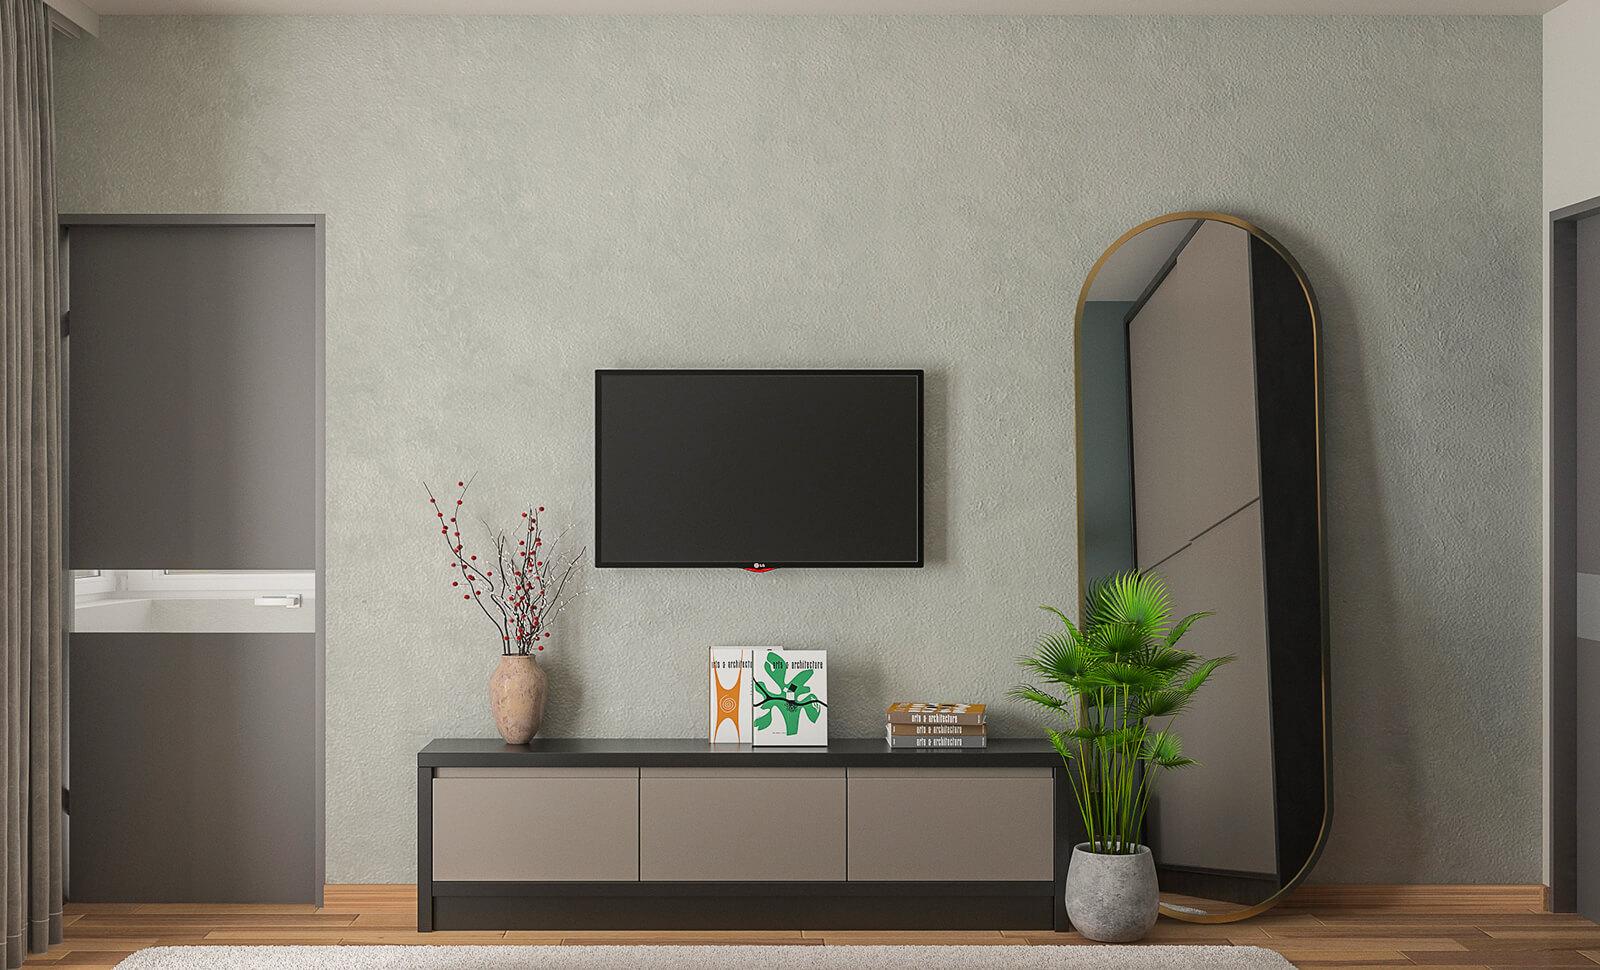 interioren-dizain-proekt-na-spalnia-gotan